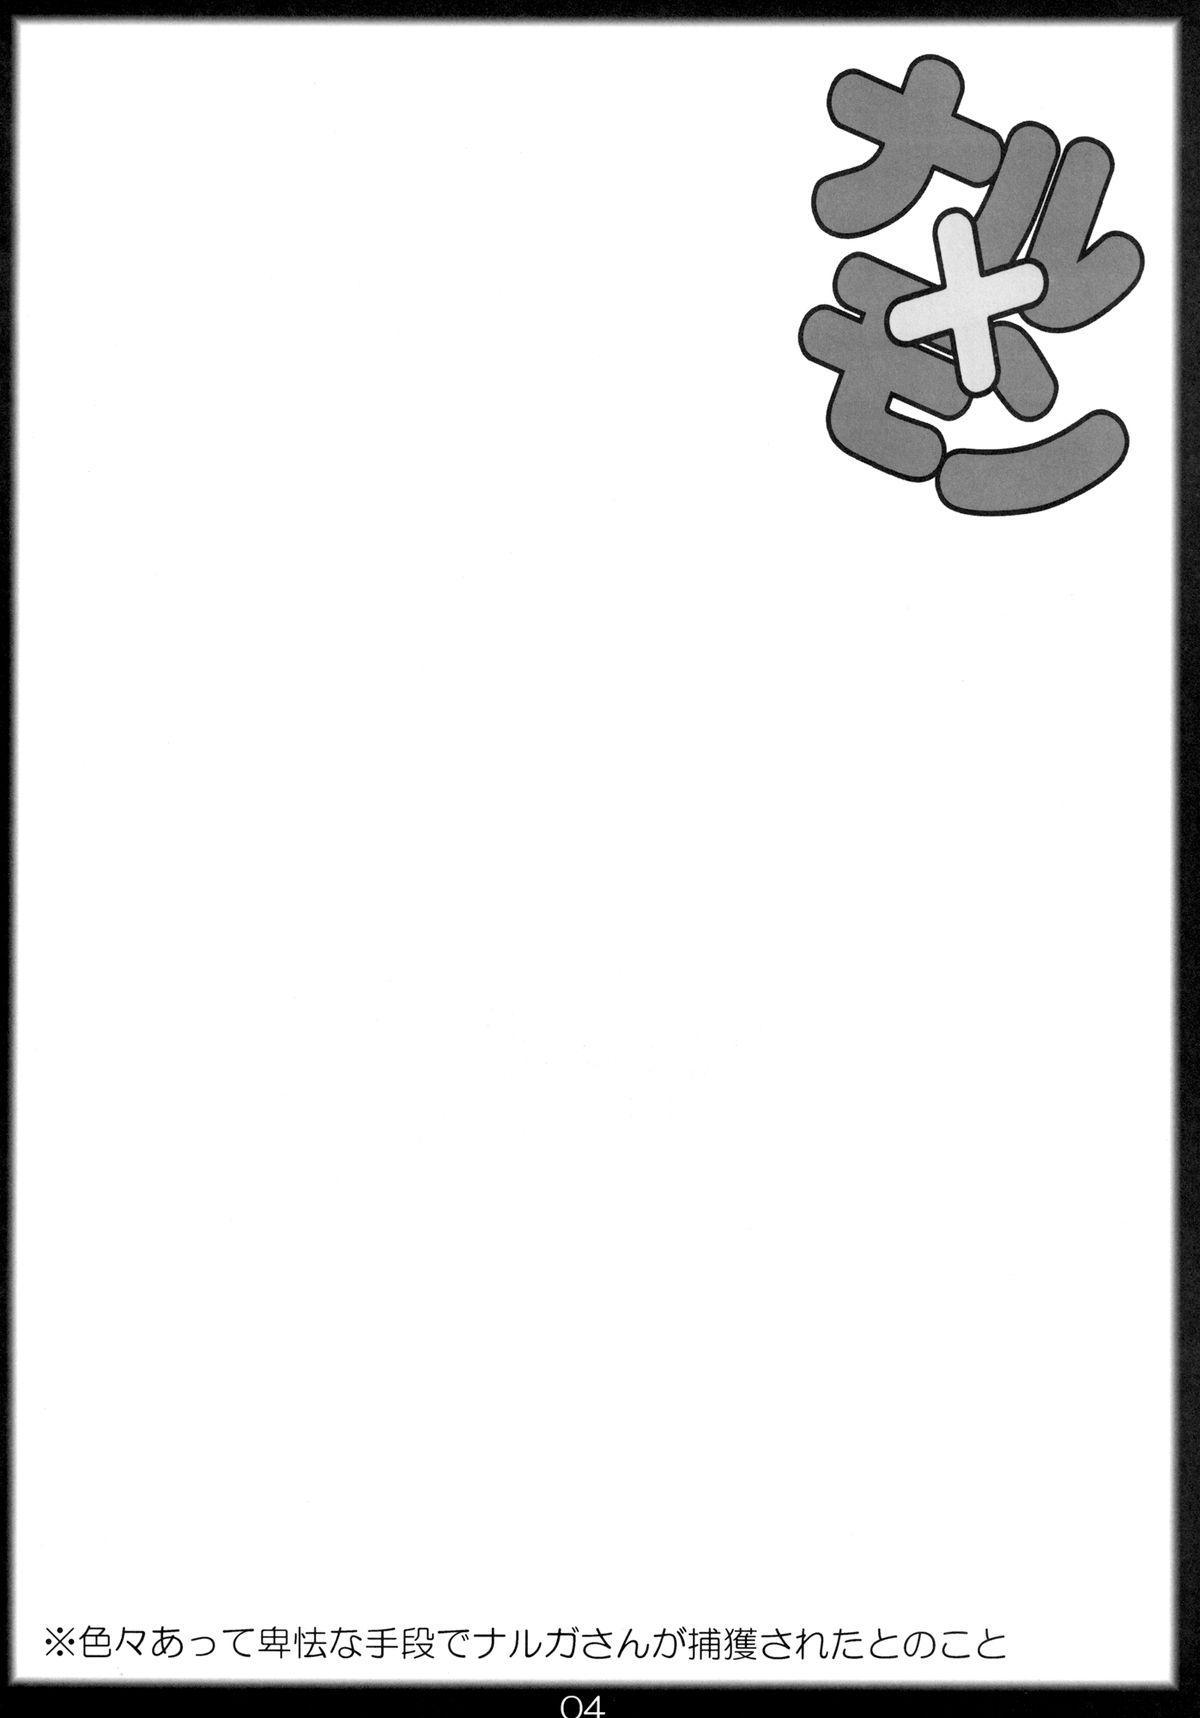 NaruxMon 3